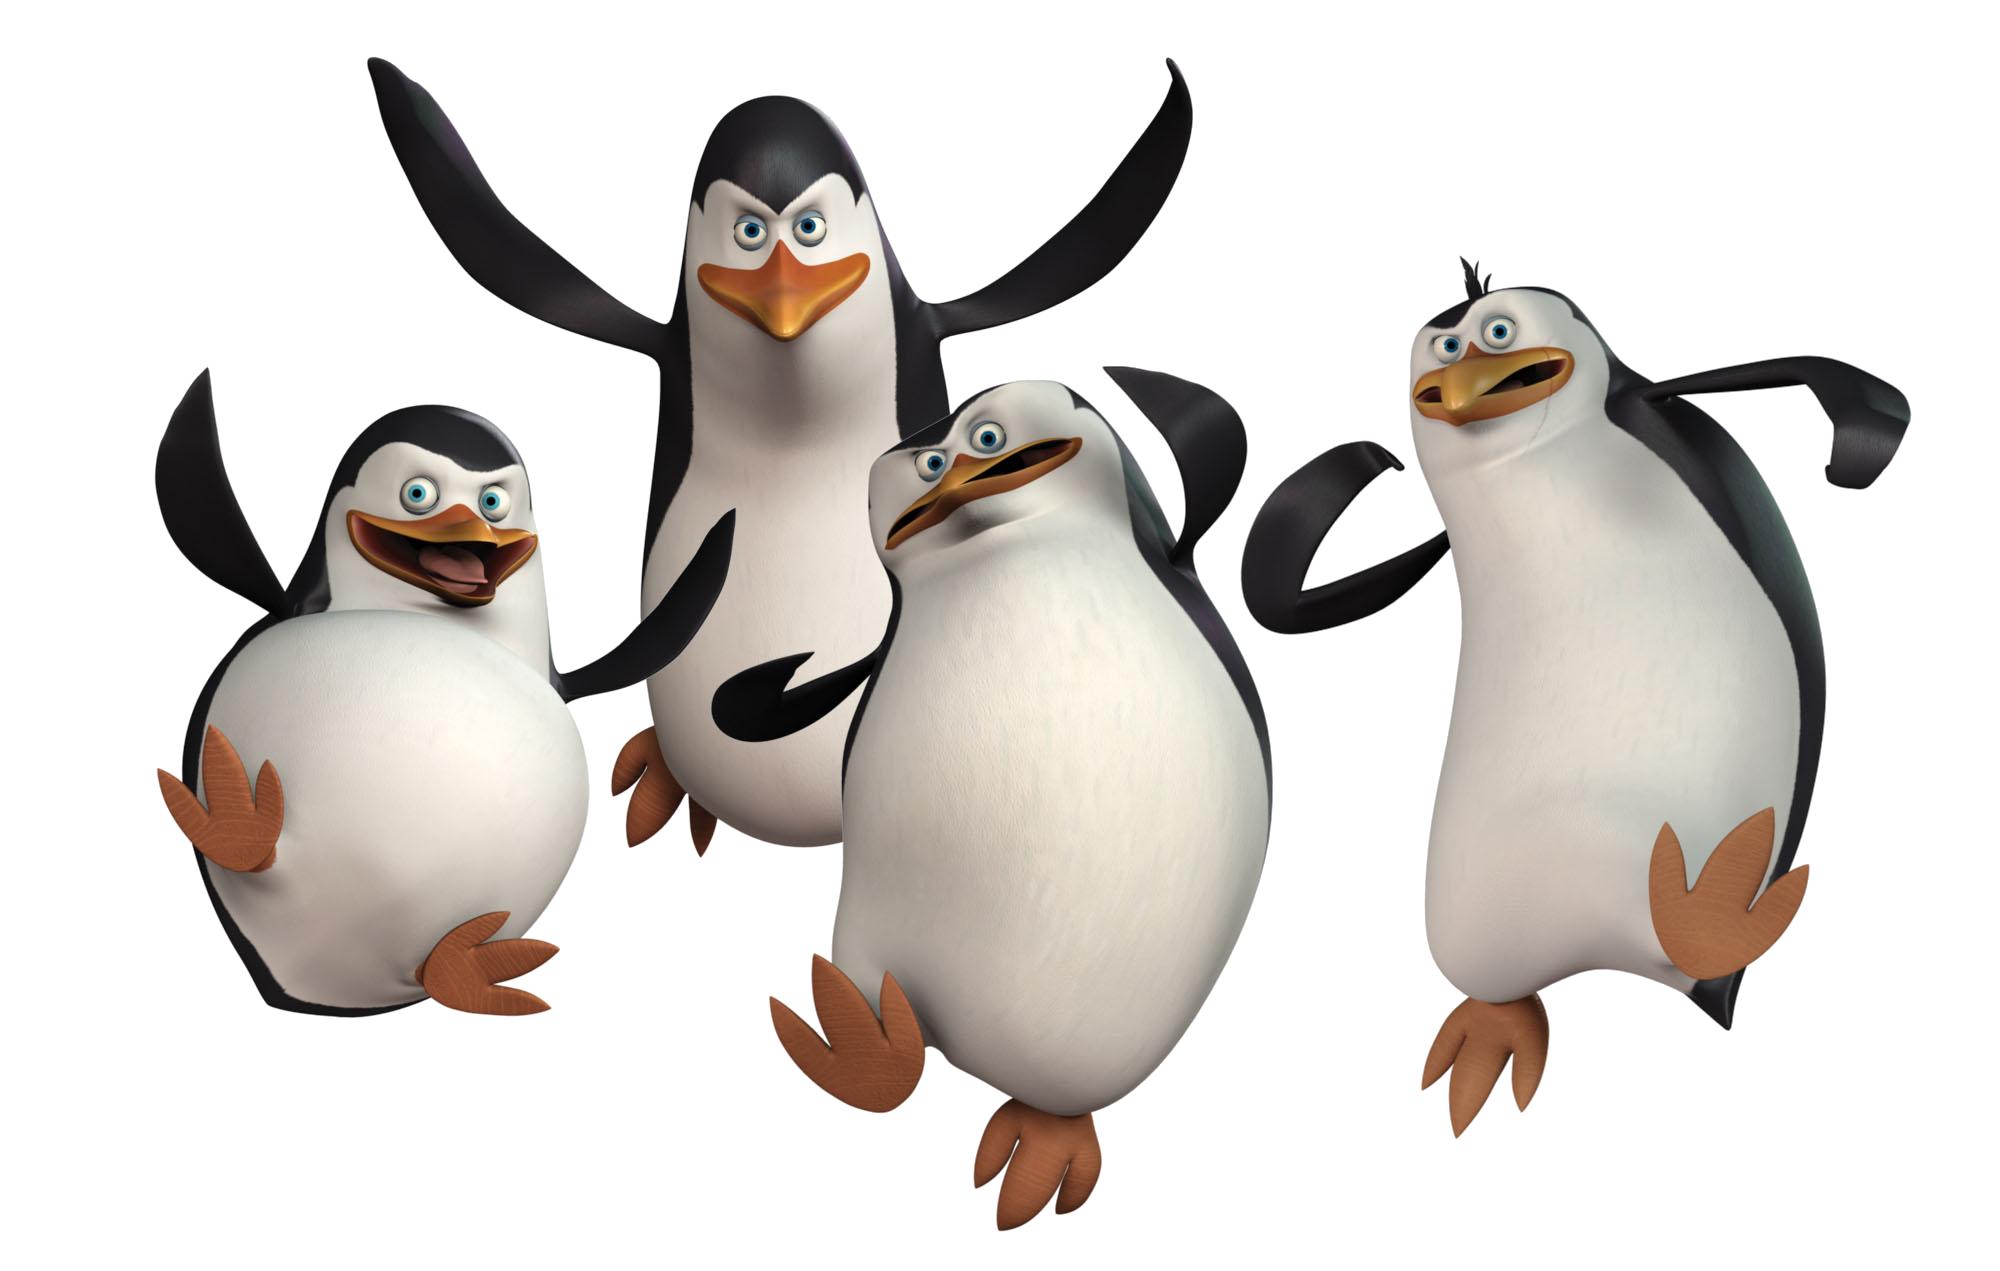 Мадагаскарсике пингвины PNG фото, изображение пингвинов PNG